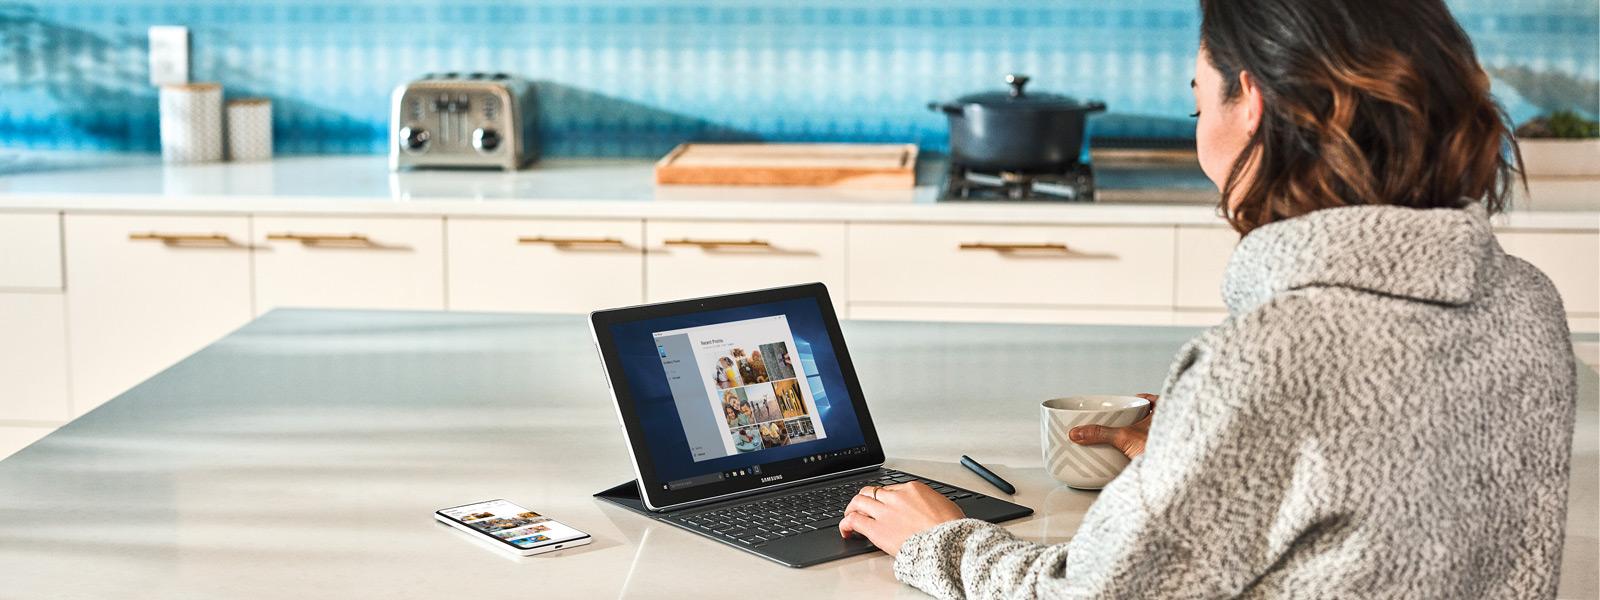 女人坐在厨房操作台边使用 Windows 10 笔记本电脑和移动电话